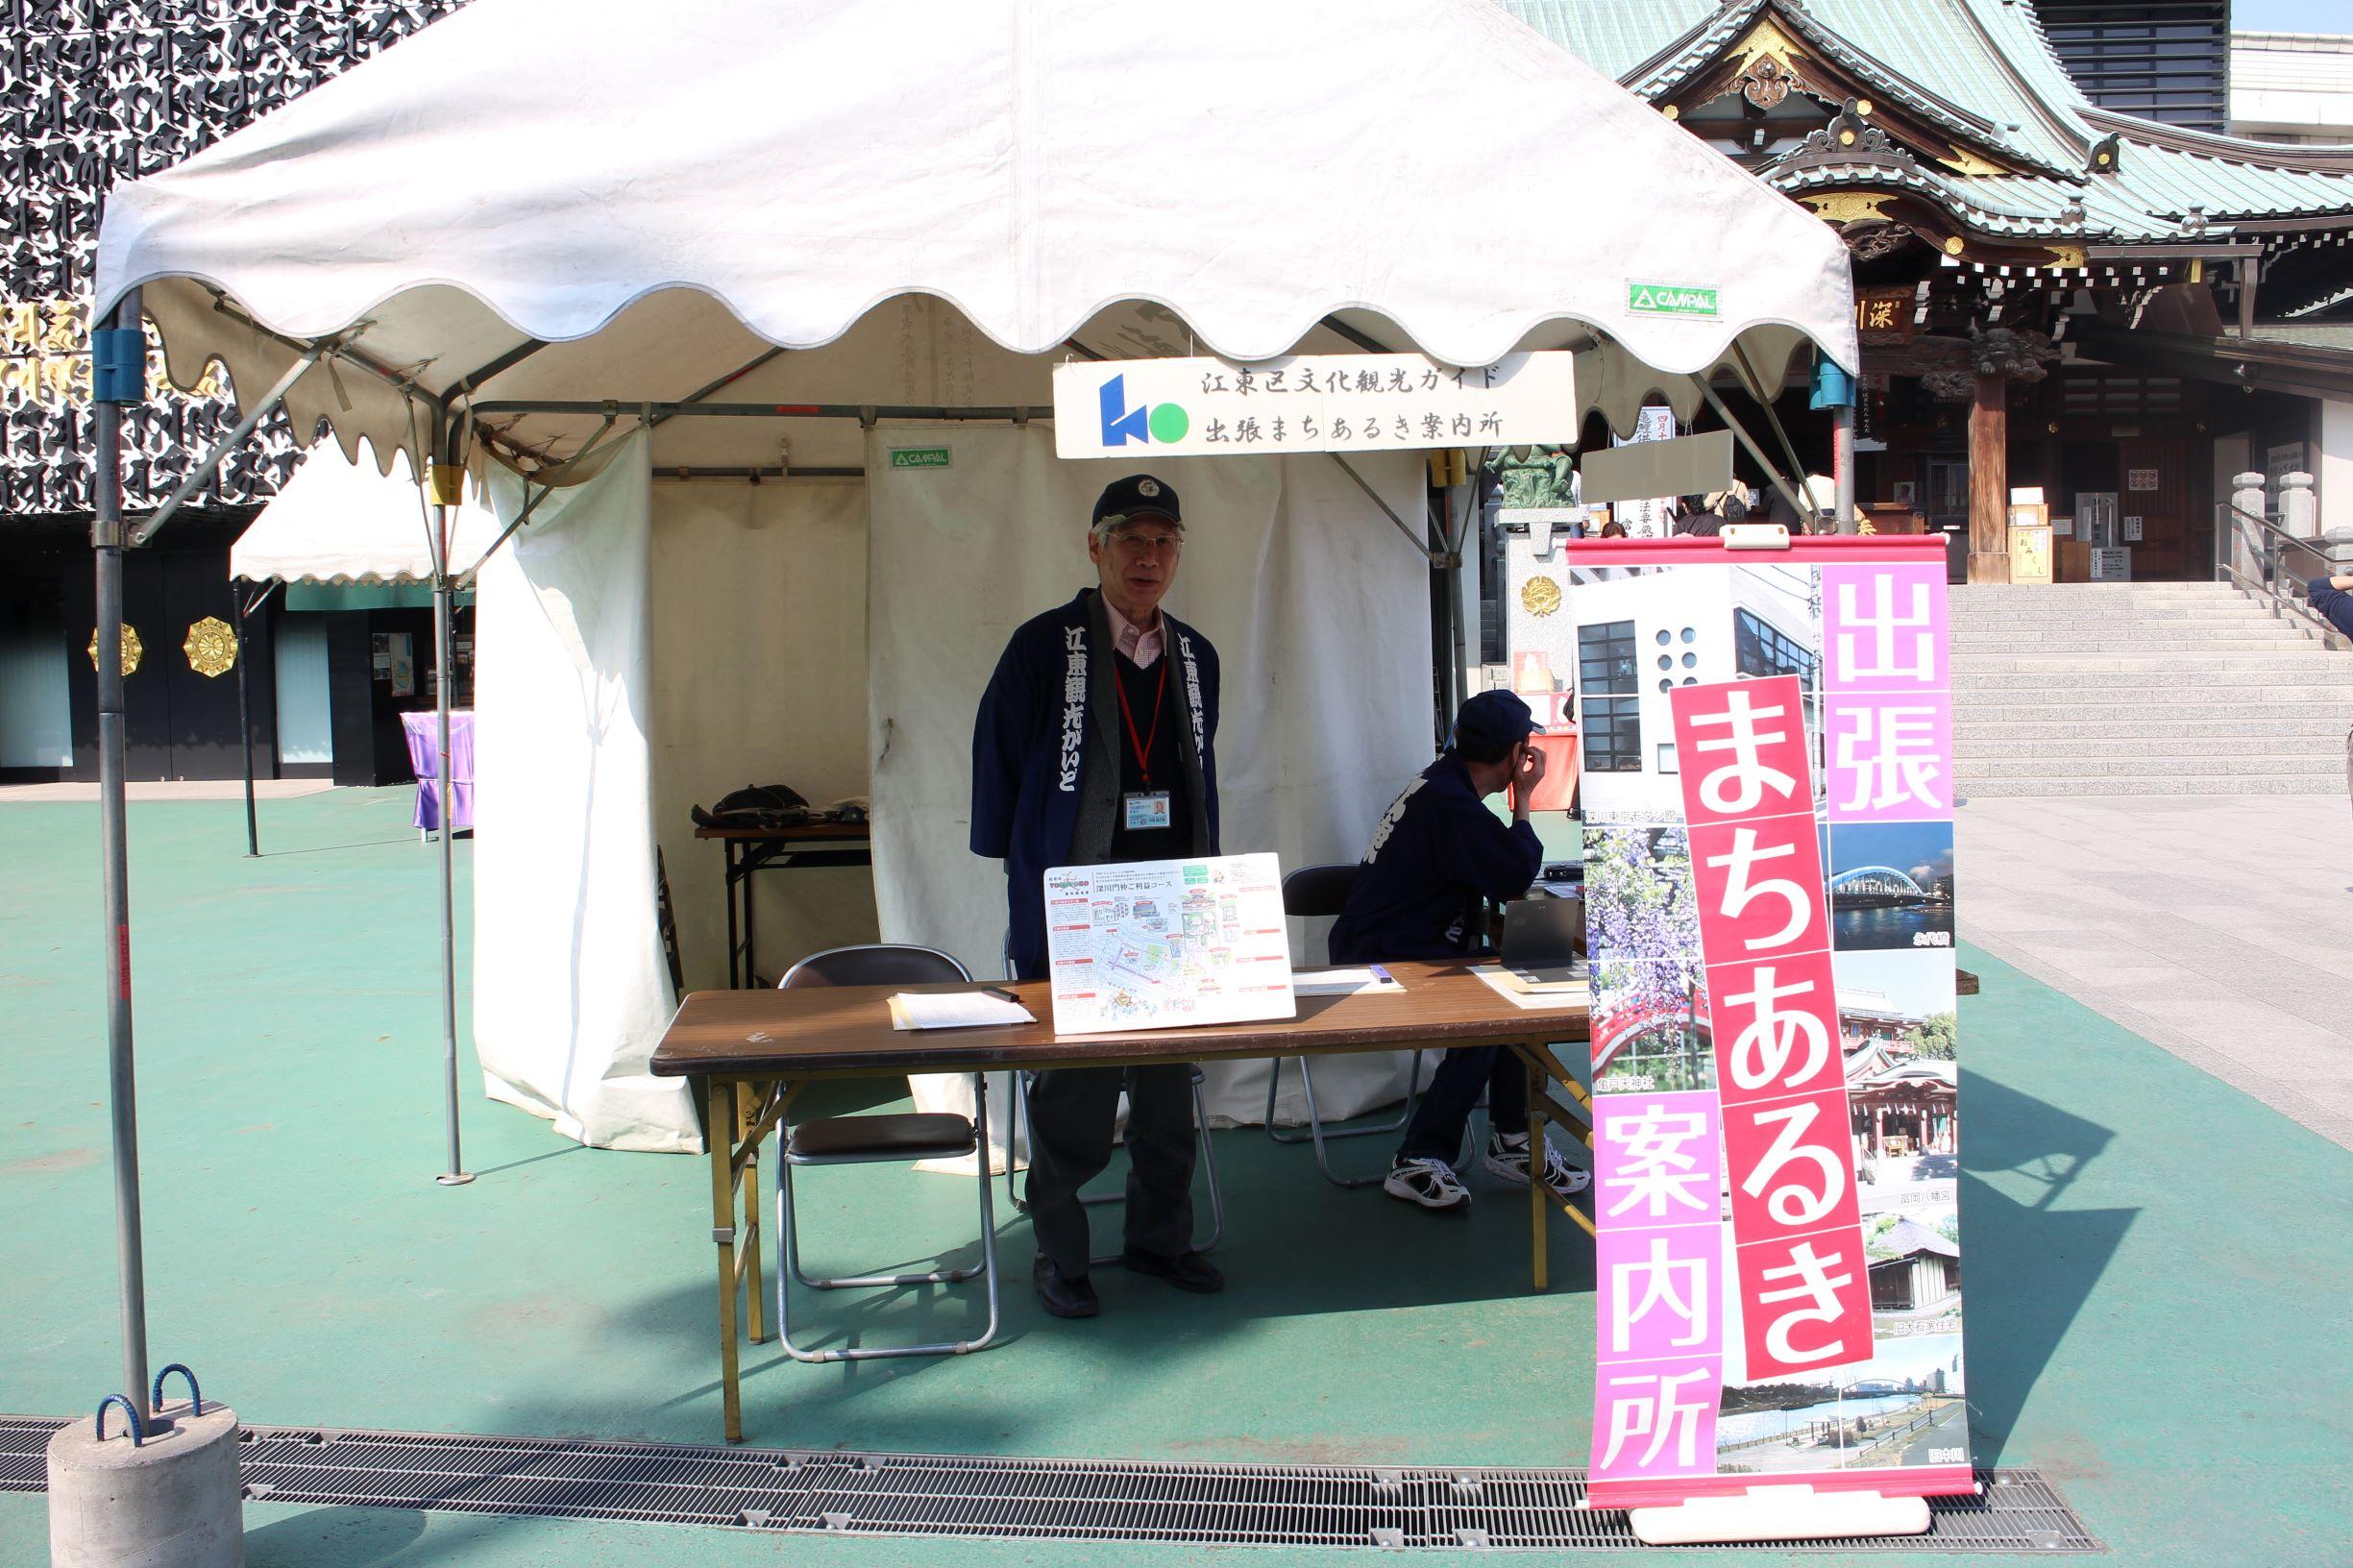 """[江东这个市镇那个人]被根据江东区文化旅游向导的会会长岩渕和惠区里面的活动进行的""""出差machiaruki问讯处。"""""""